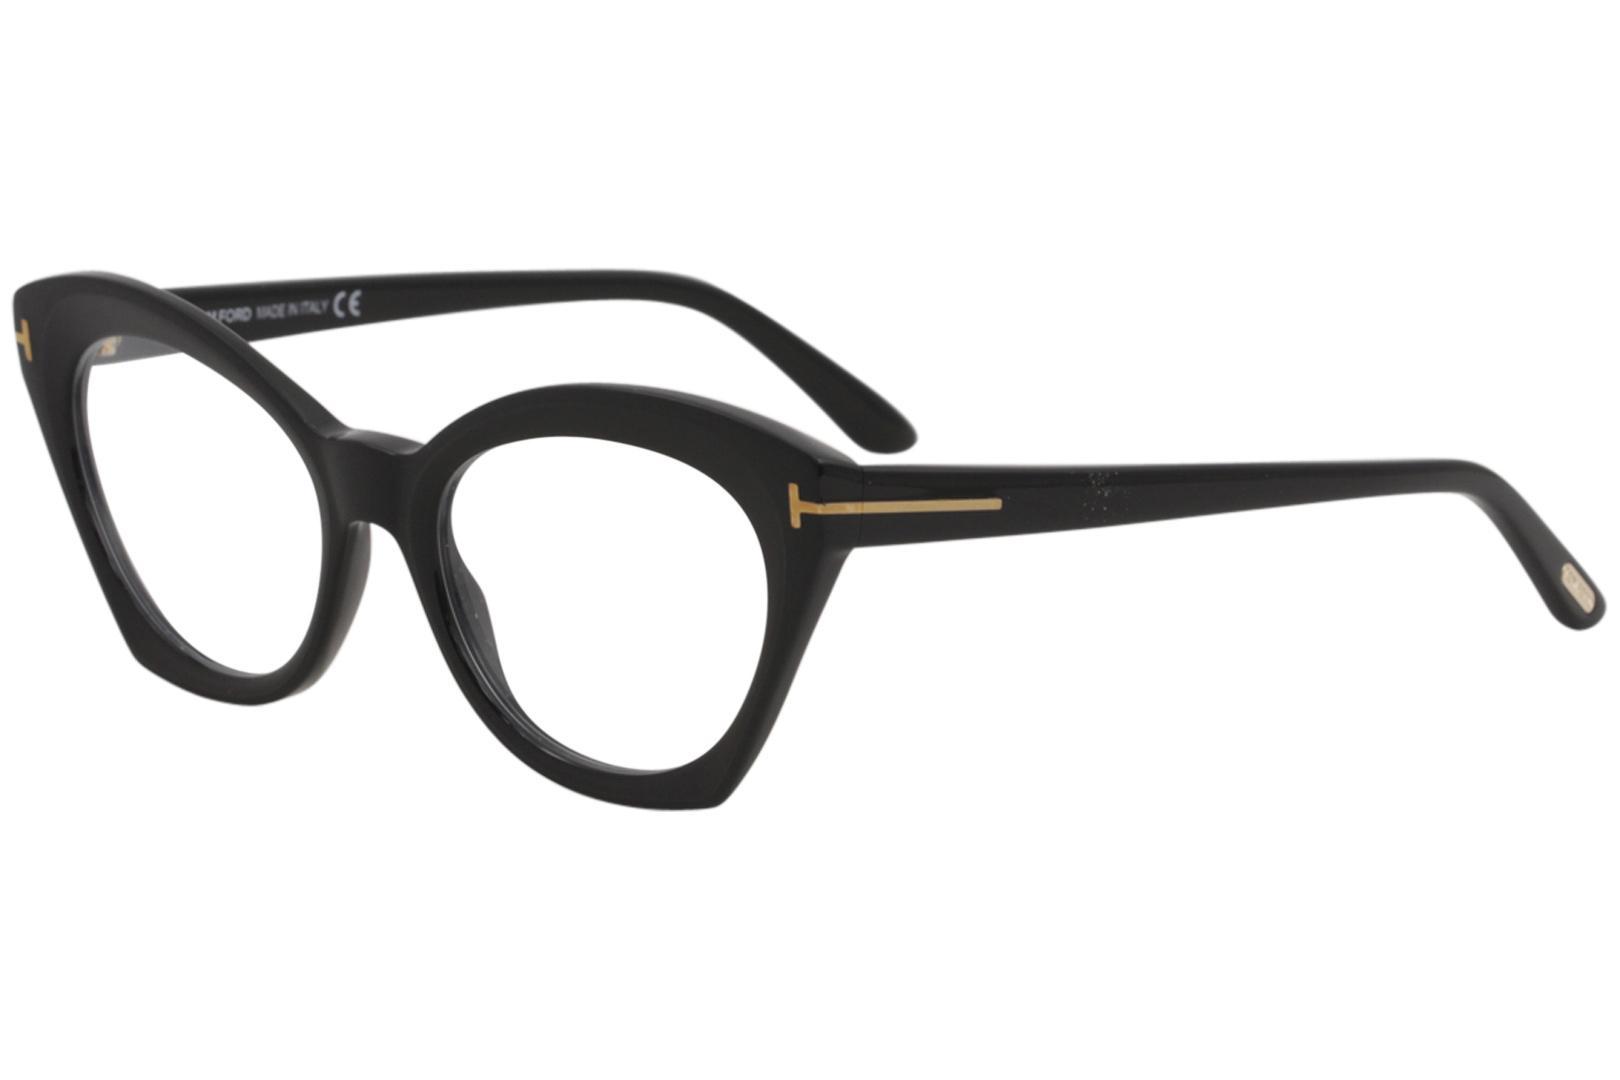 c1eb70f31d34 Tom Ford Women s Eyeglasses TF5456 TF 5456 Full Rim Optical Frame